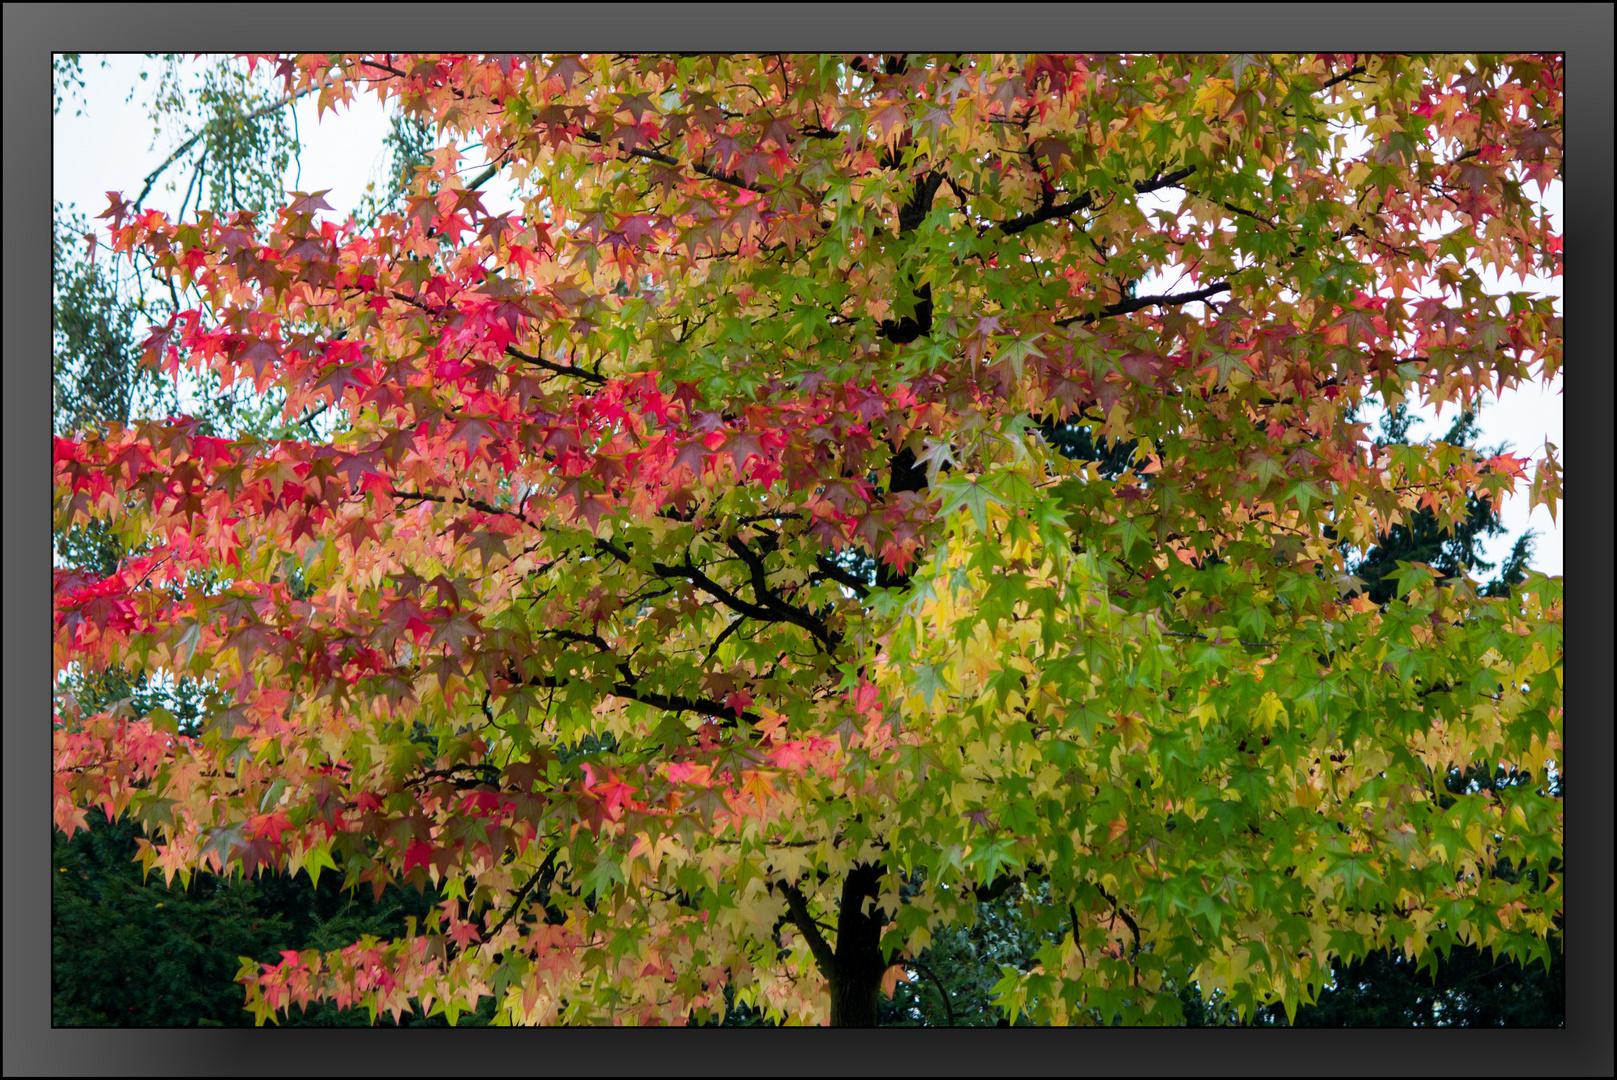 Herbst--Impressionen 08